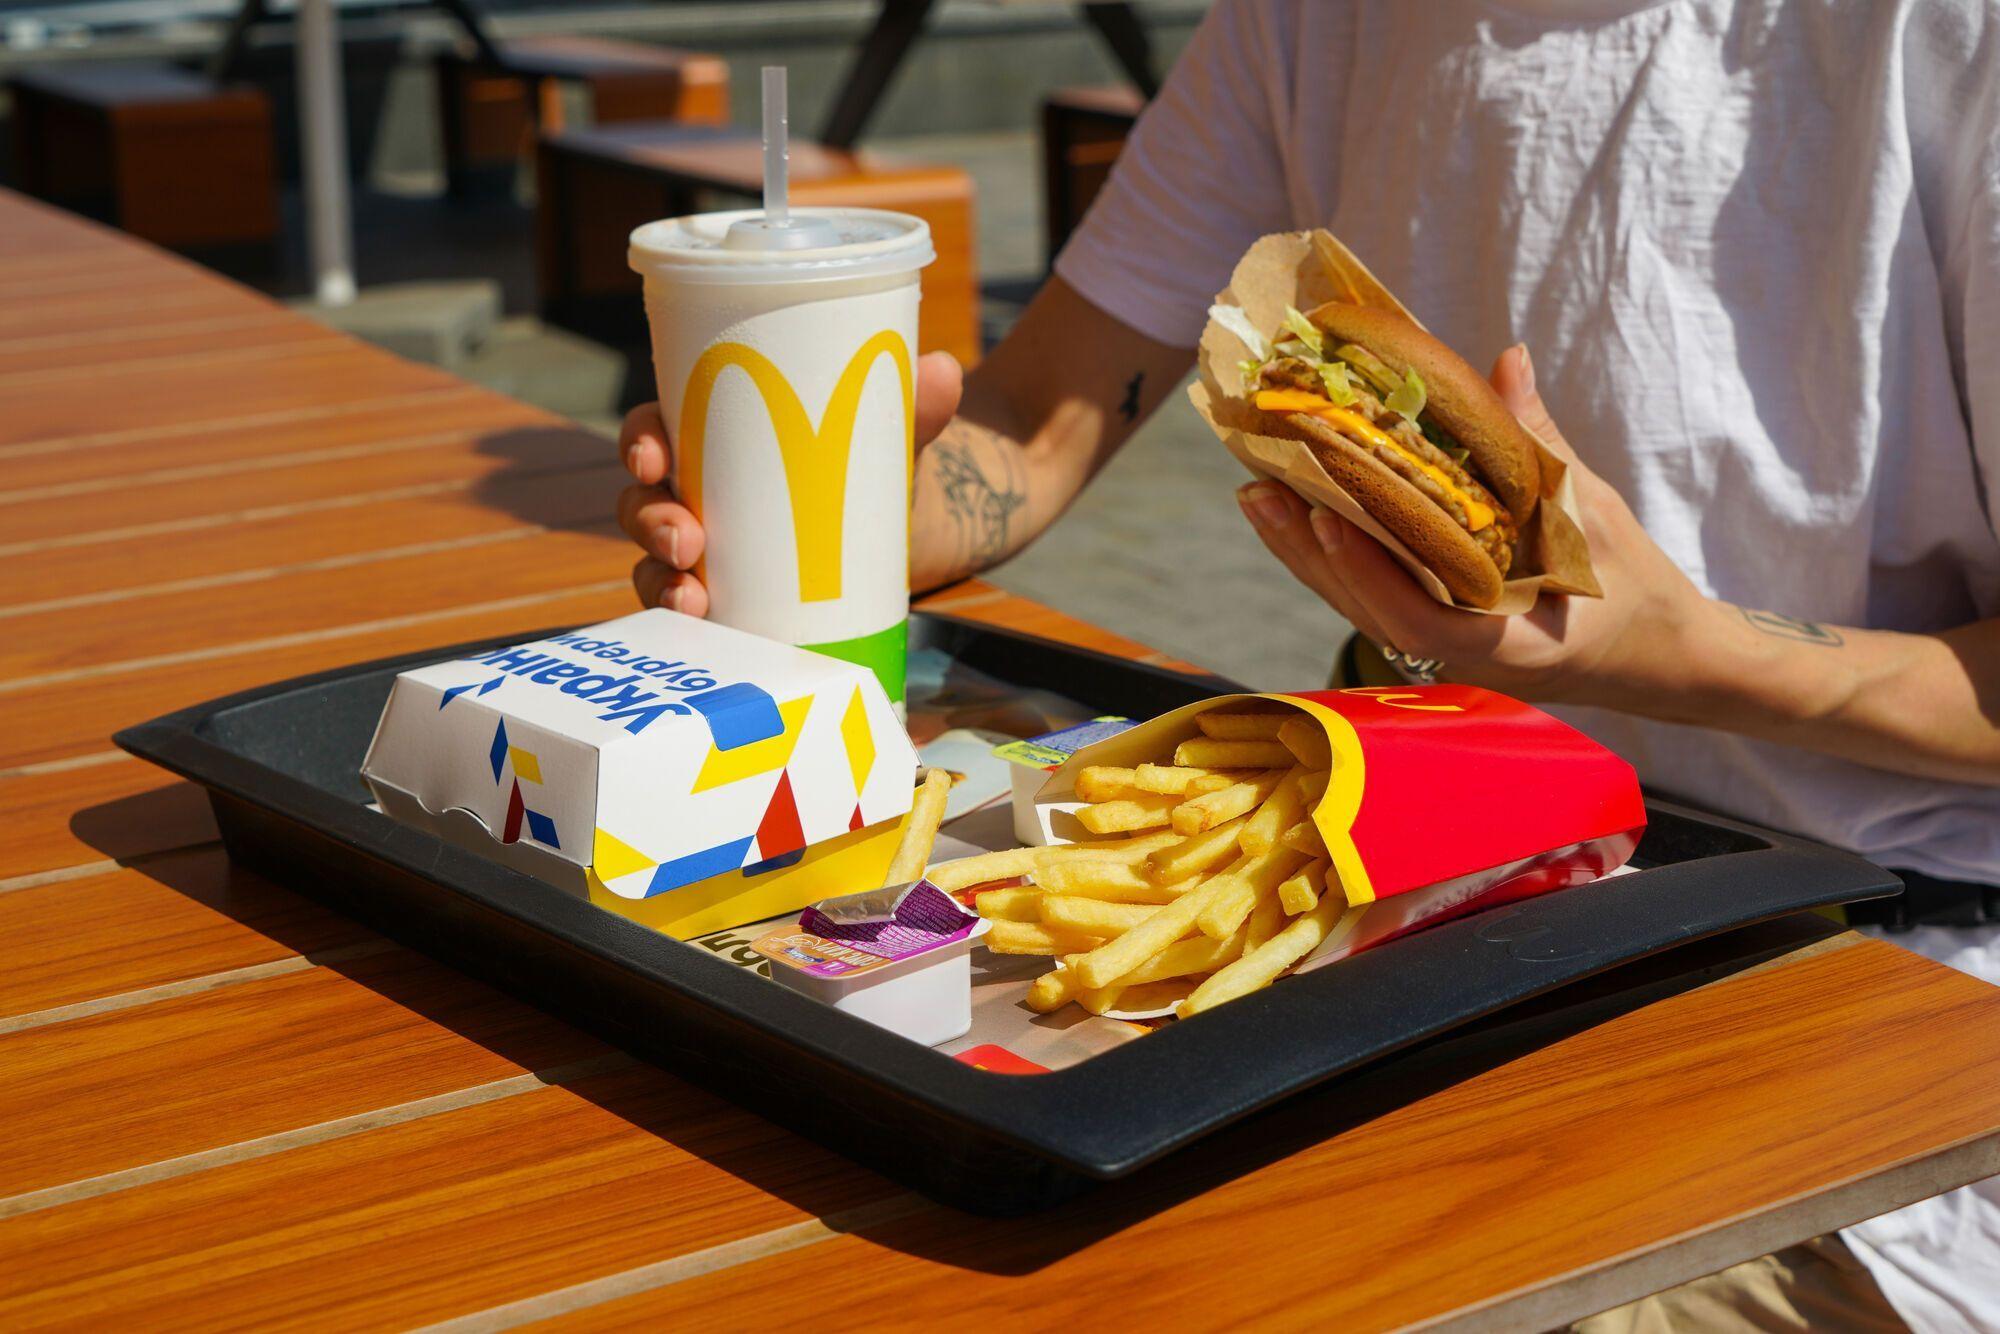 Наразі McDonald's мінімізує використання пластику у пакуванні, зокрема відмовляється від пластикових соломинок